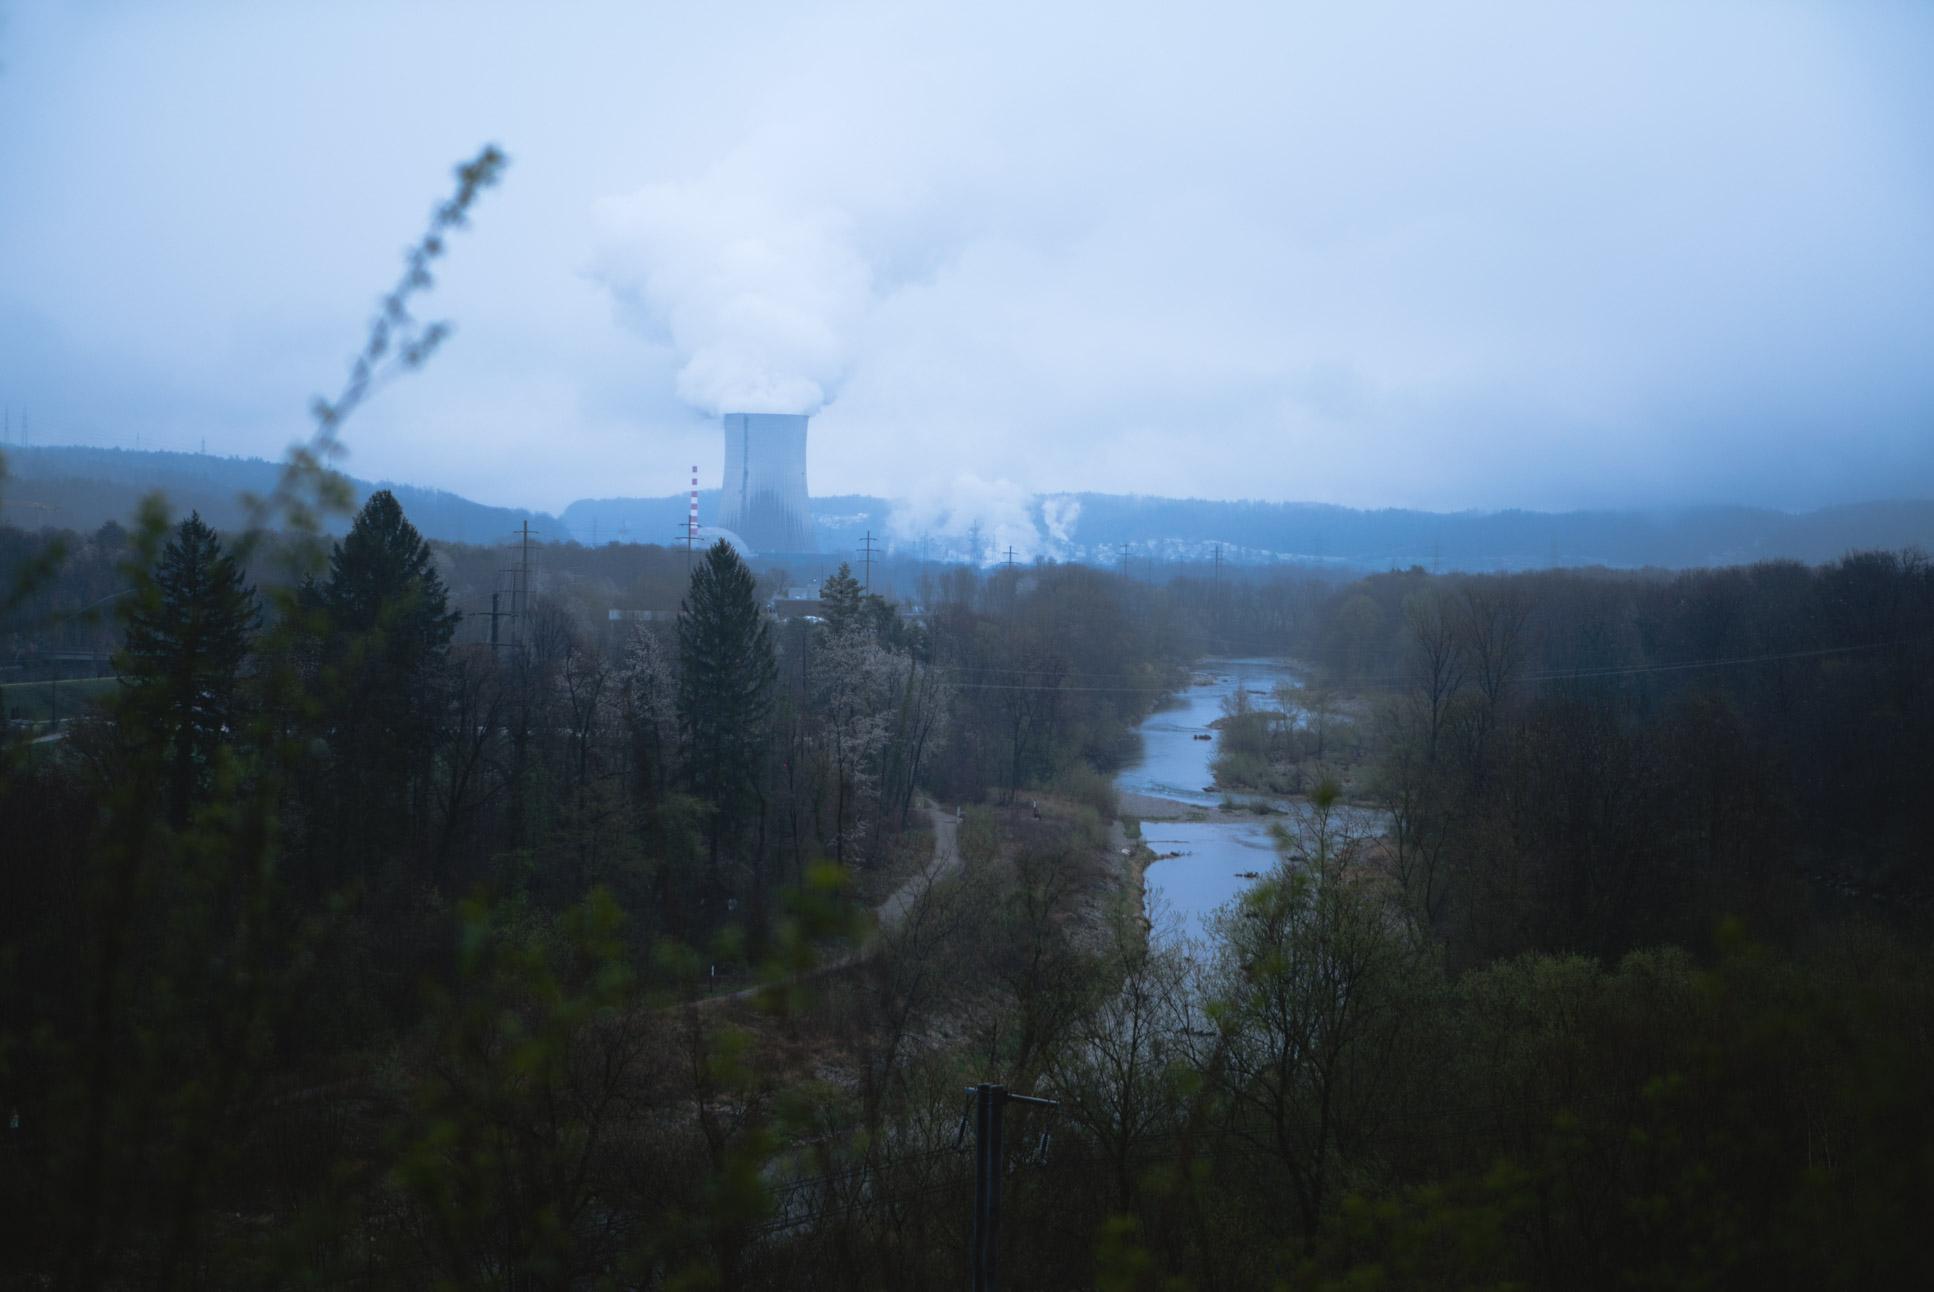 Kernkraftwerk Gösgen-Däniken visible in the background